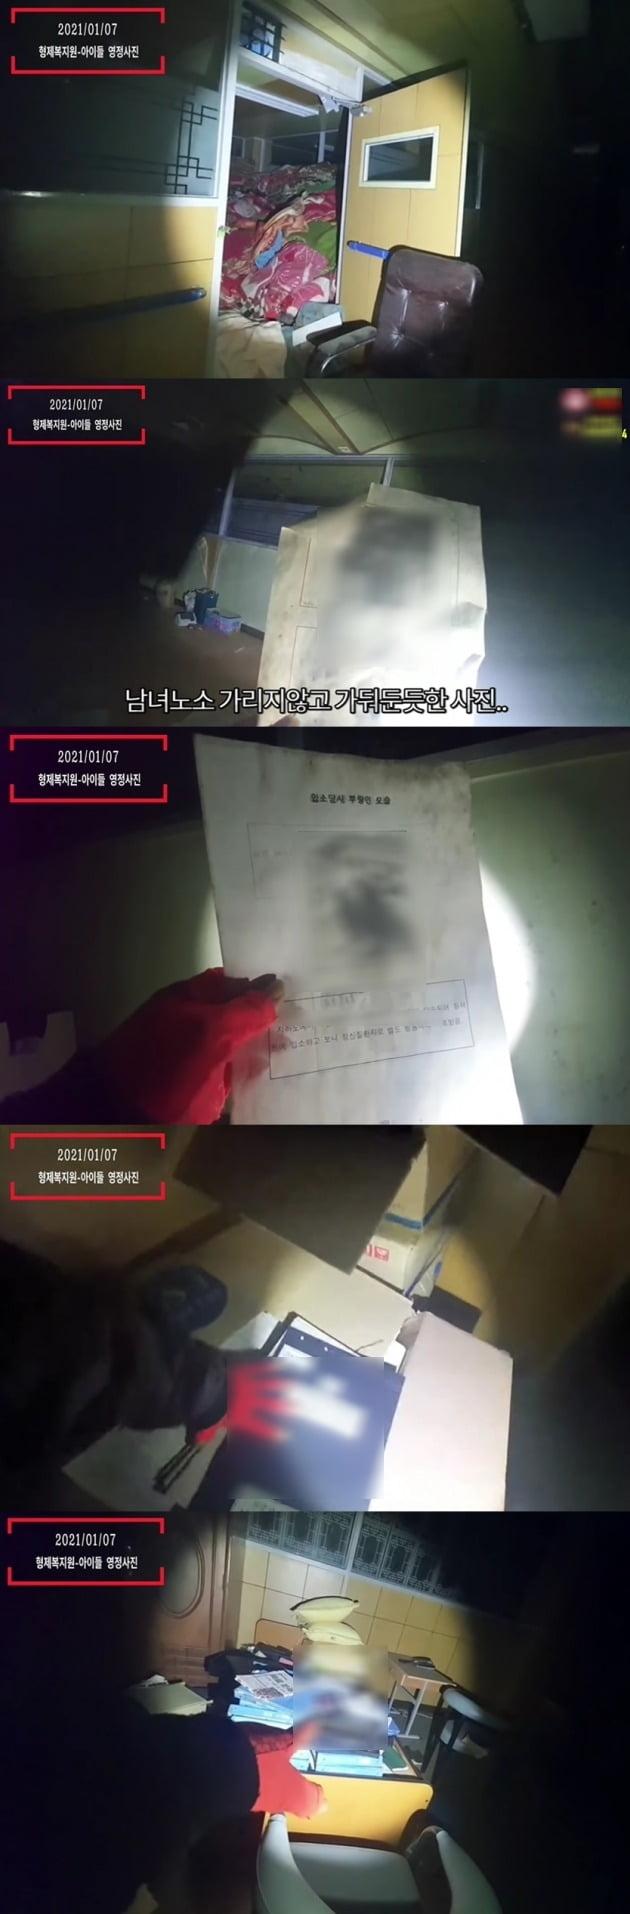 '실로암의 집'에서 흉가 체험을 한 A 씨의 영상. '형제복지원' 사건 자료와 관련 인물의 영정사진이라며 촬영.  /사진=유튜브 캡쳐